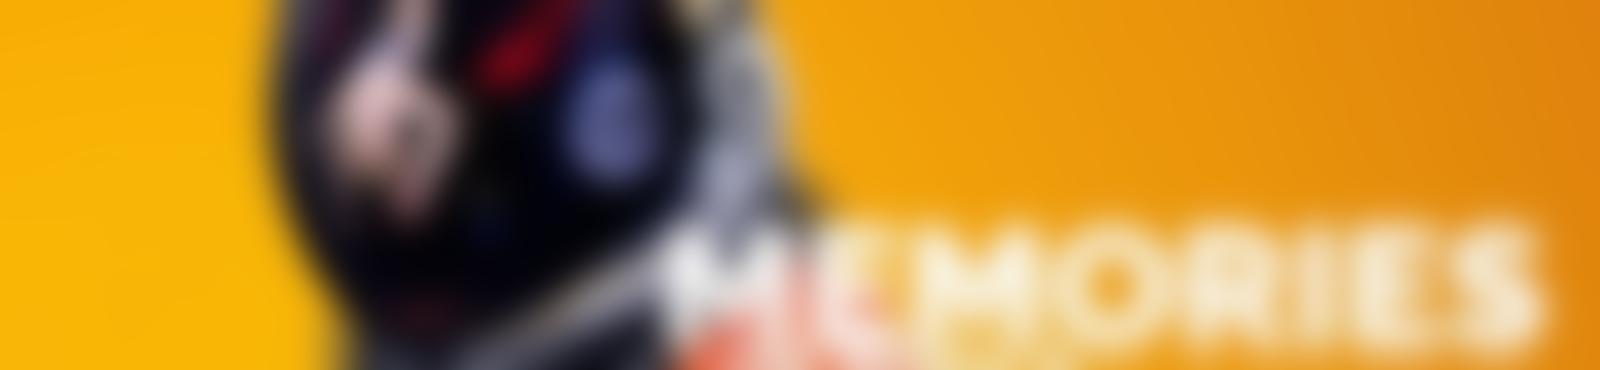 Blurred d17e6c86 5580 4dd5 b60c 90d87cba5eaf